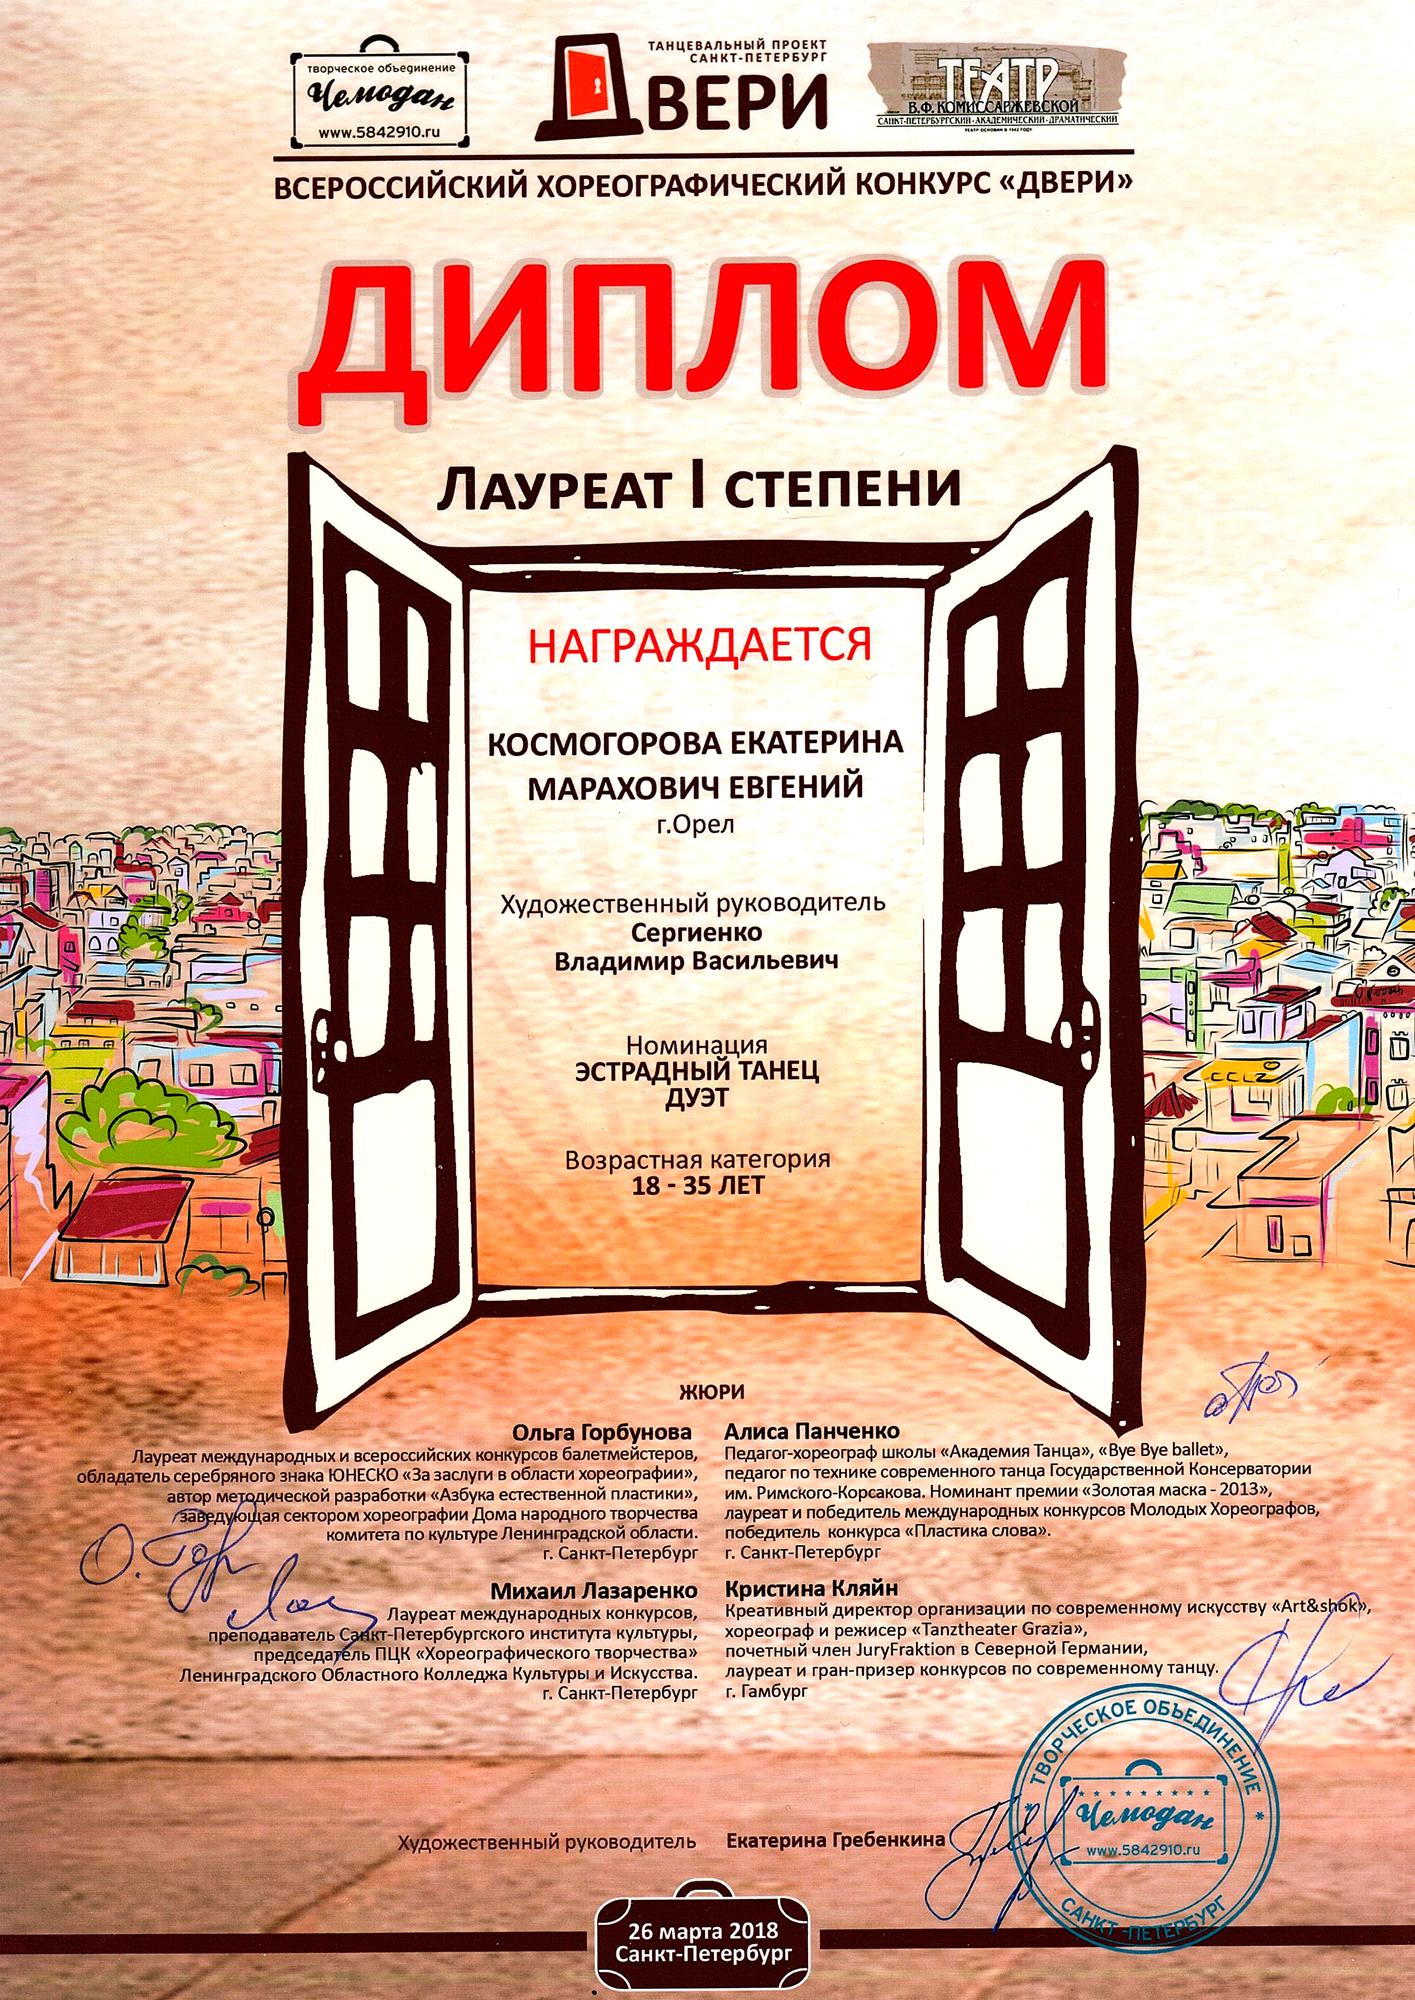 Цены на памятники орле в феврале 2018 мастерская по изготовлению памятников буденновск